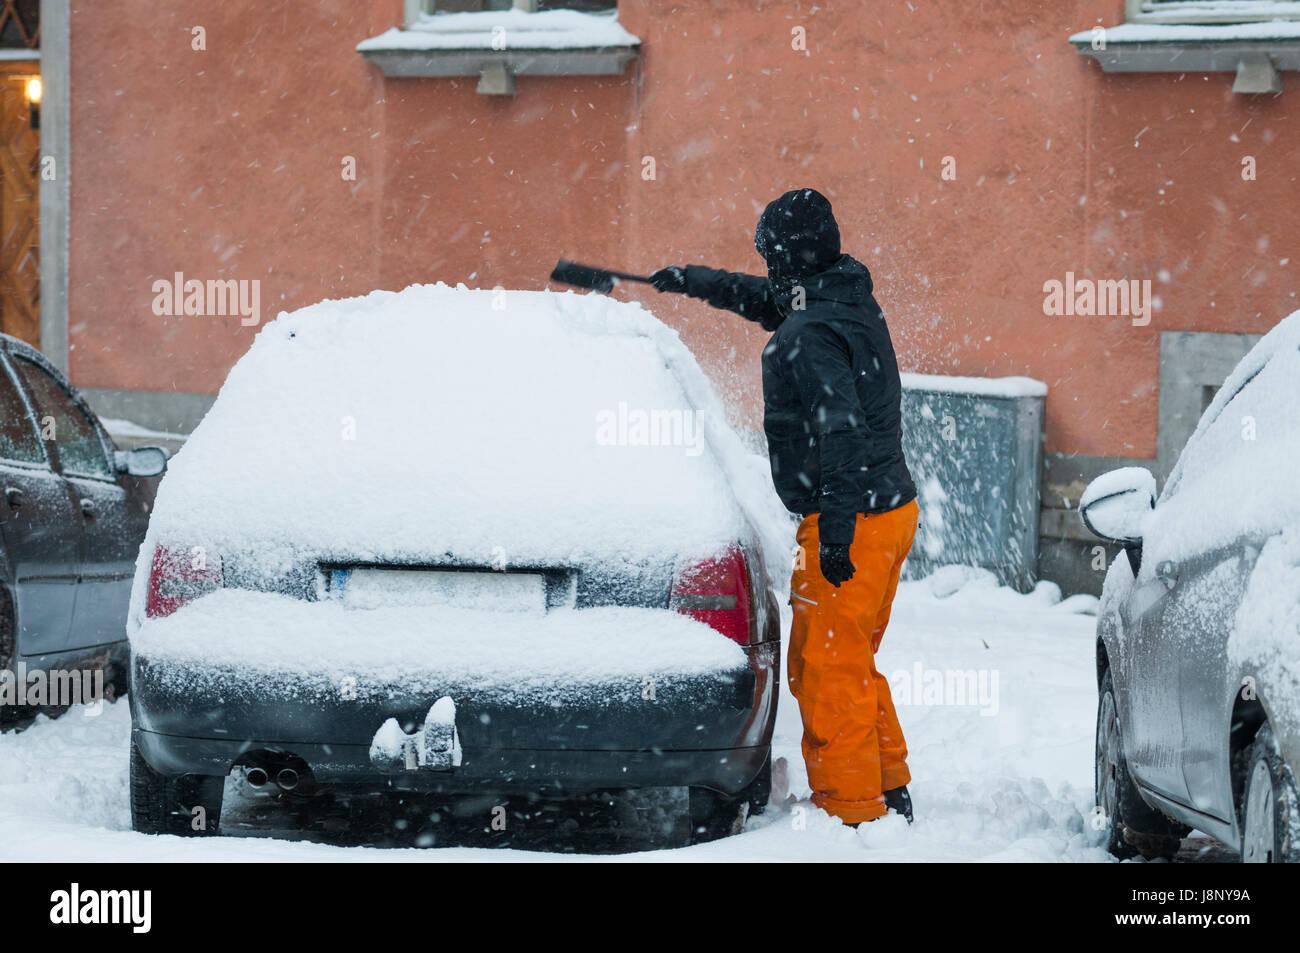 L'homme l'enlèvement de la neige à partir de la location Banque D'Images